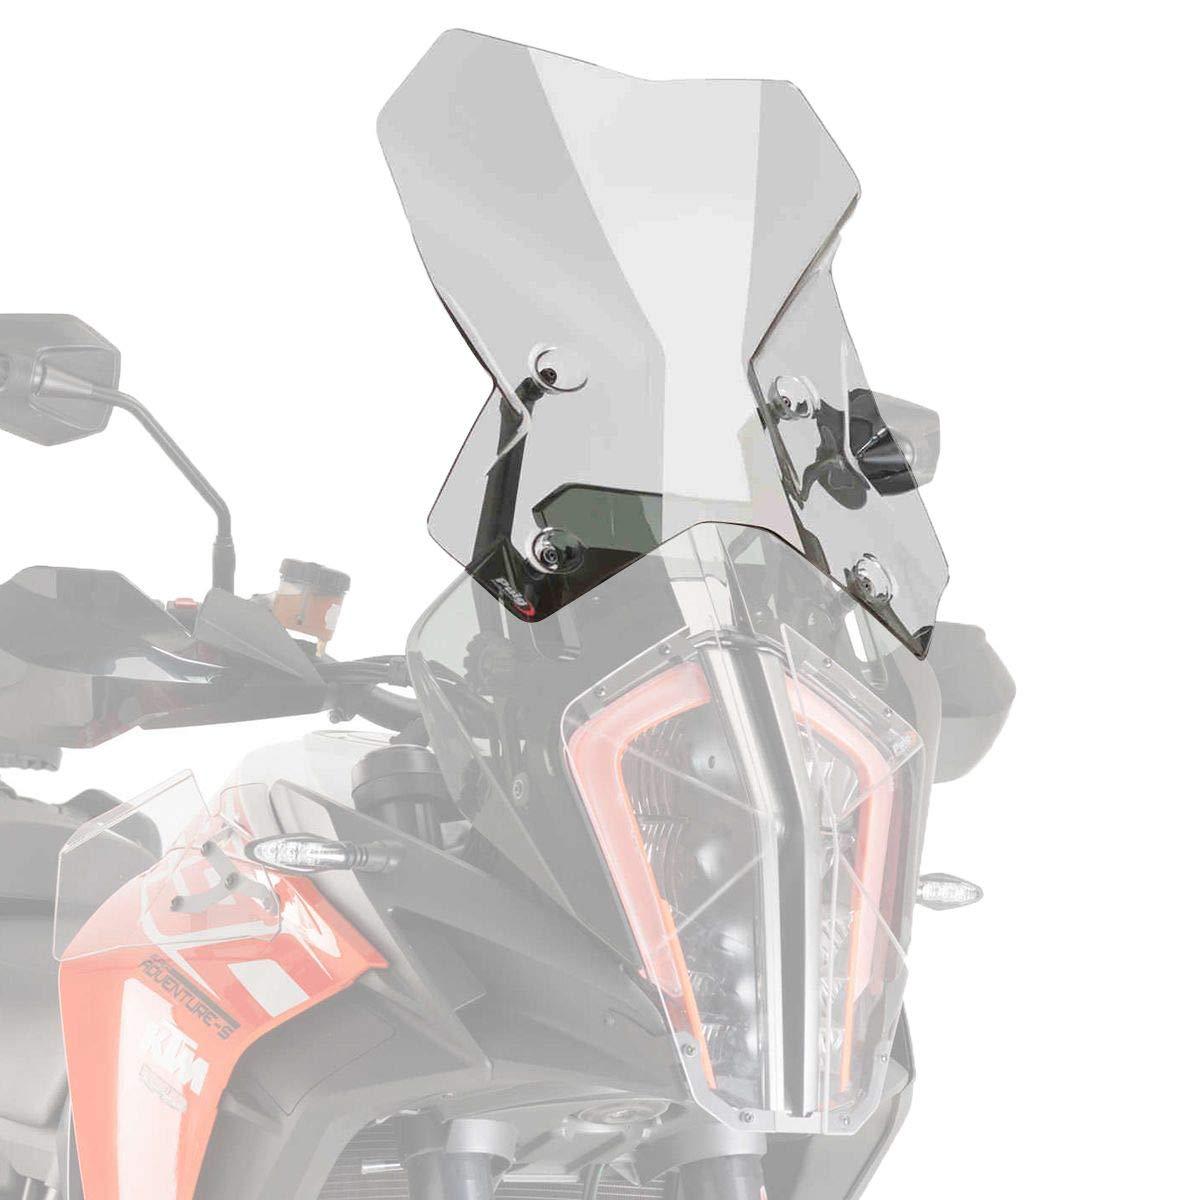 Puig Touring Screen Color Transparent 9421W 1000 Kawasaki Versys 650 17-18 Black